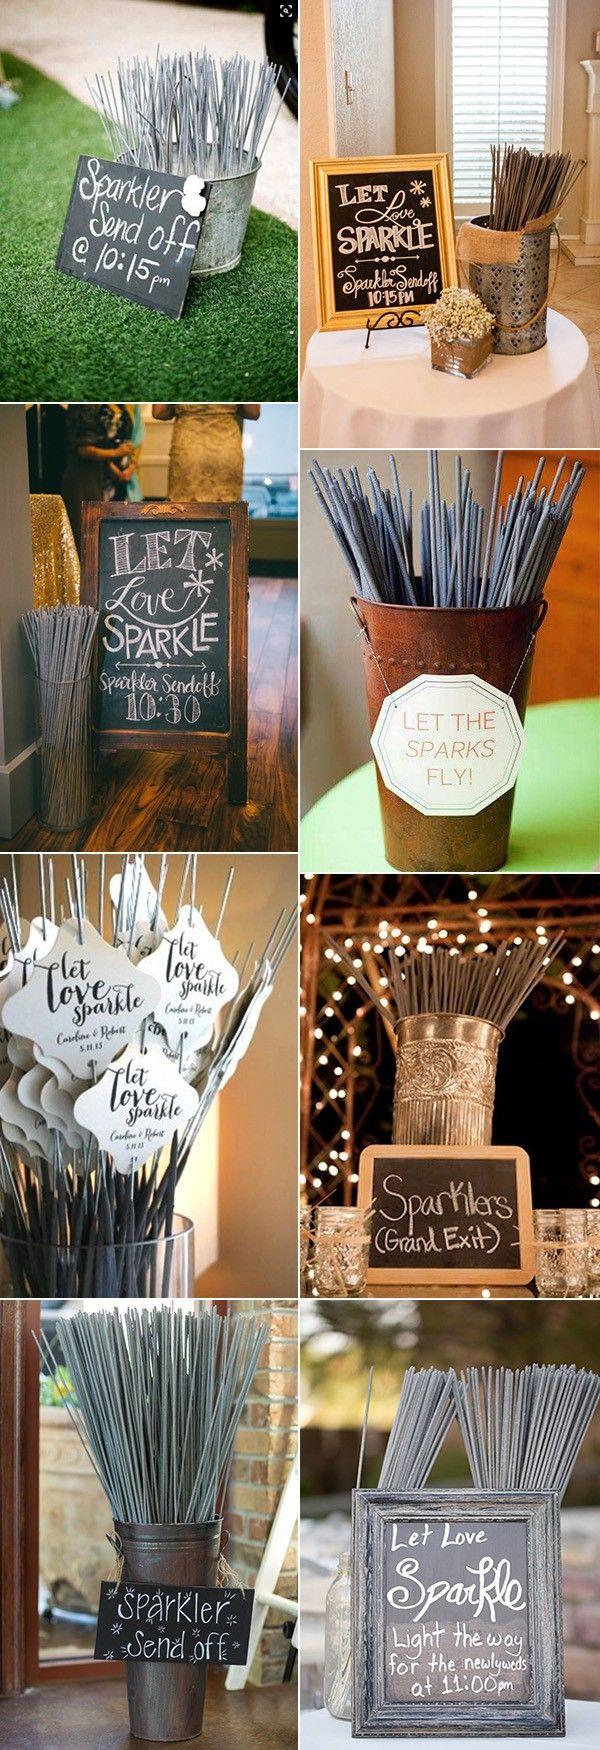 wedding send off wedding send off ideas 70 Amazing Fall Wedding Ideas for